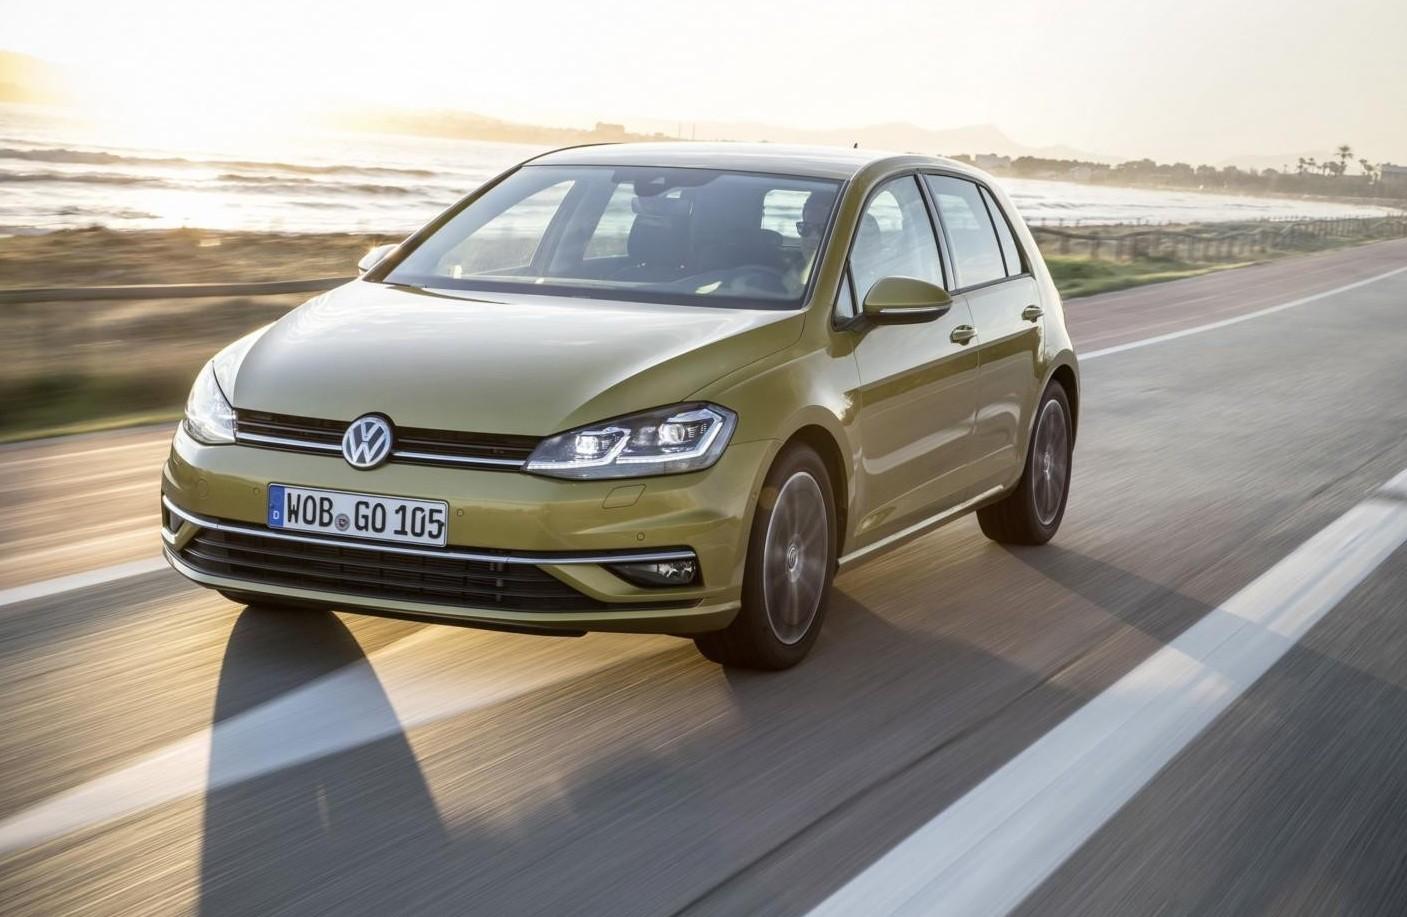 Volkswagen Golf 1.5 rivoluzione consumi